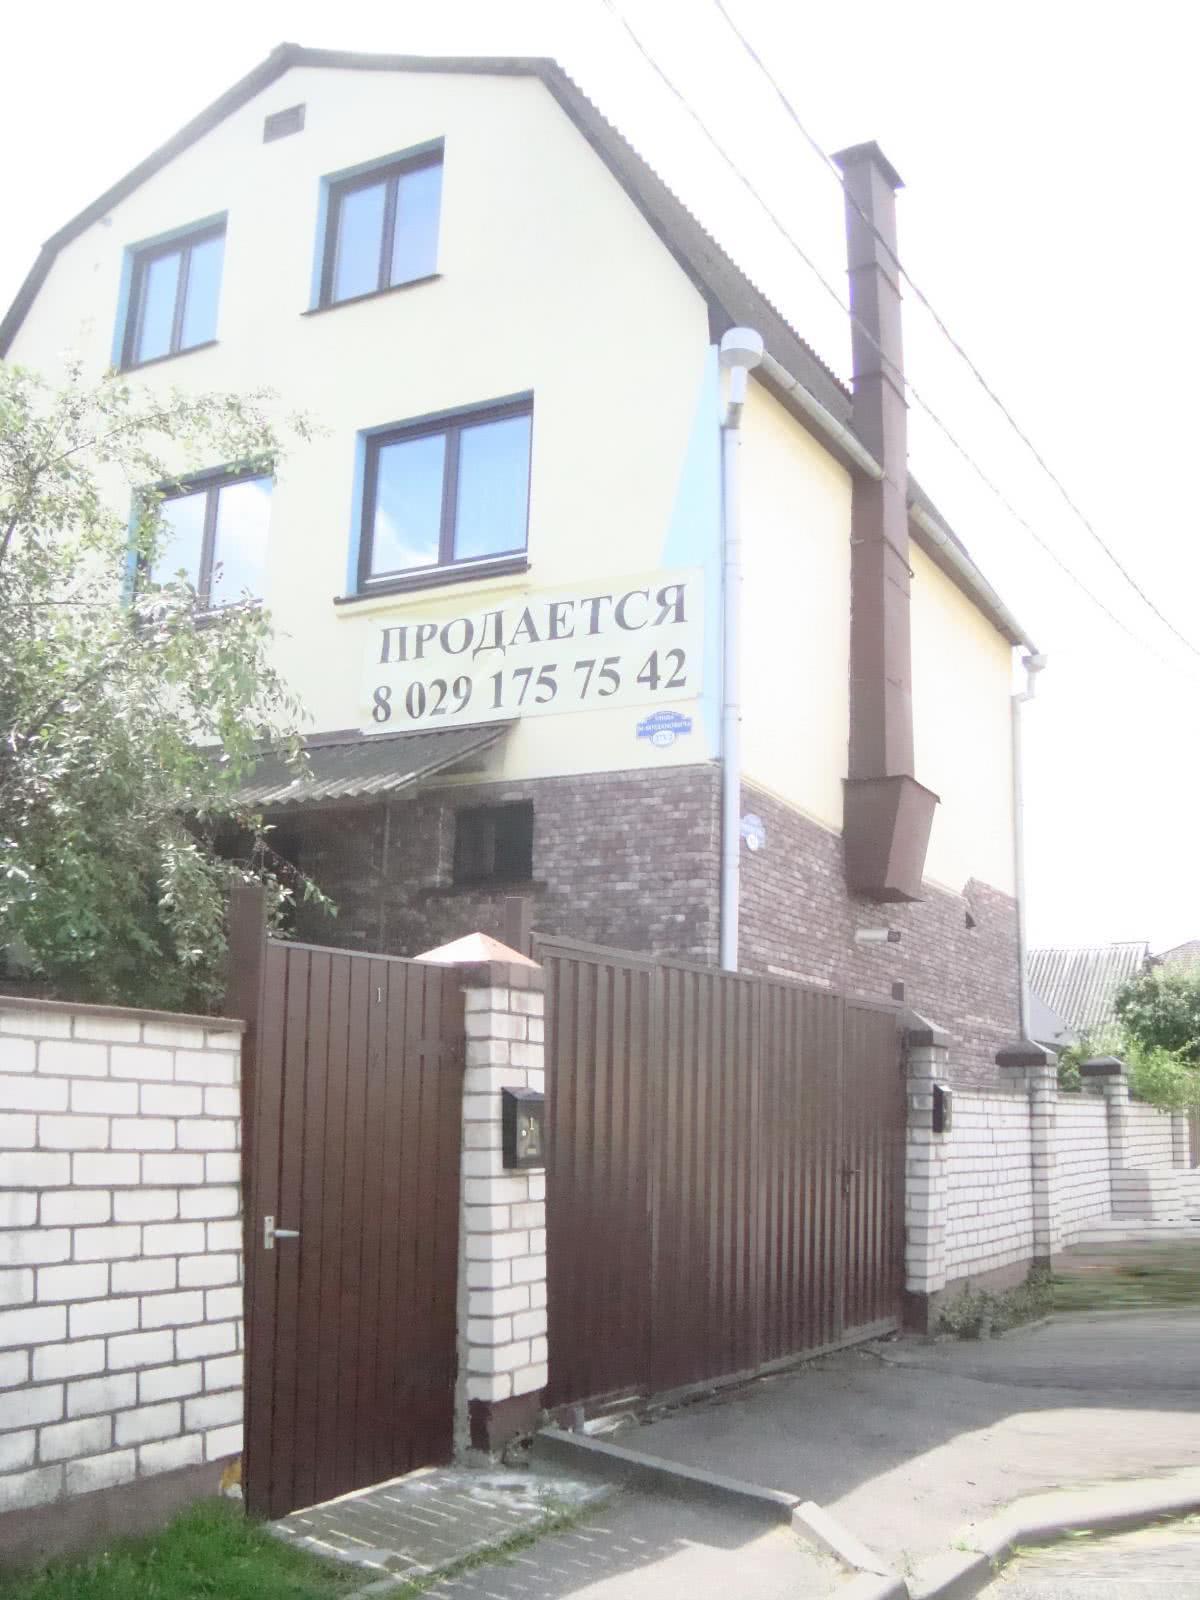 Продать 4-этажный коттедж в Минске, Минская область, ул. Максима Богдановича, д. 273 - фото 1